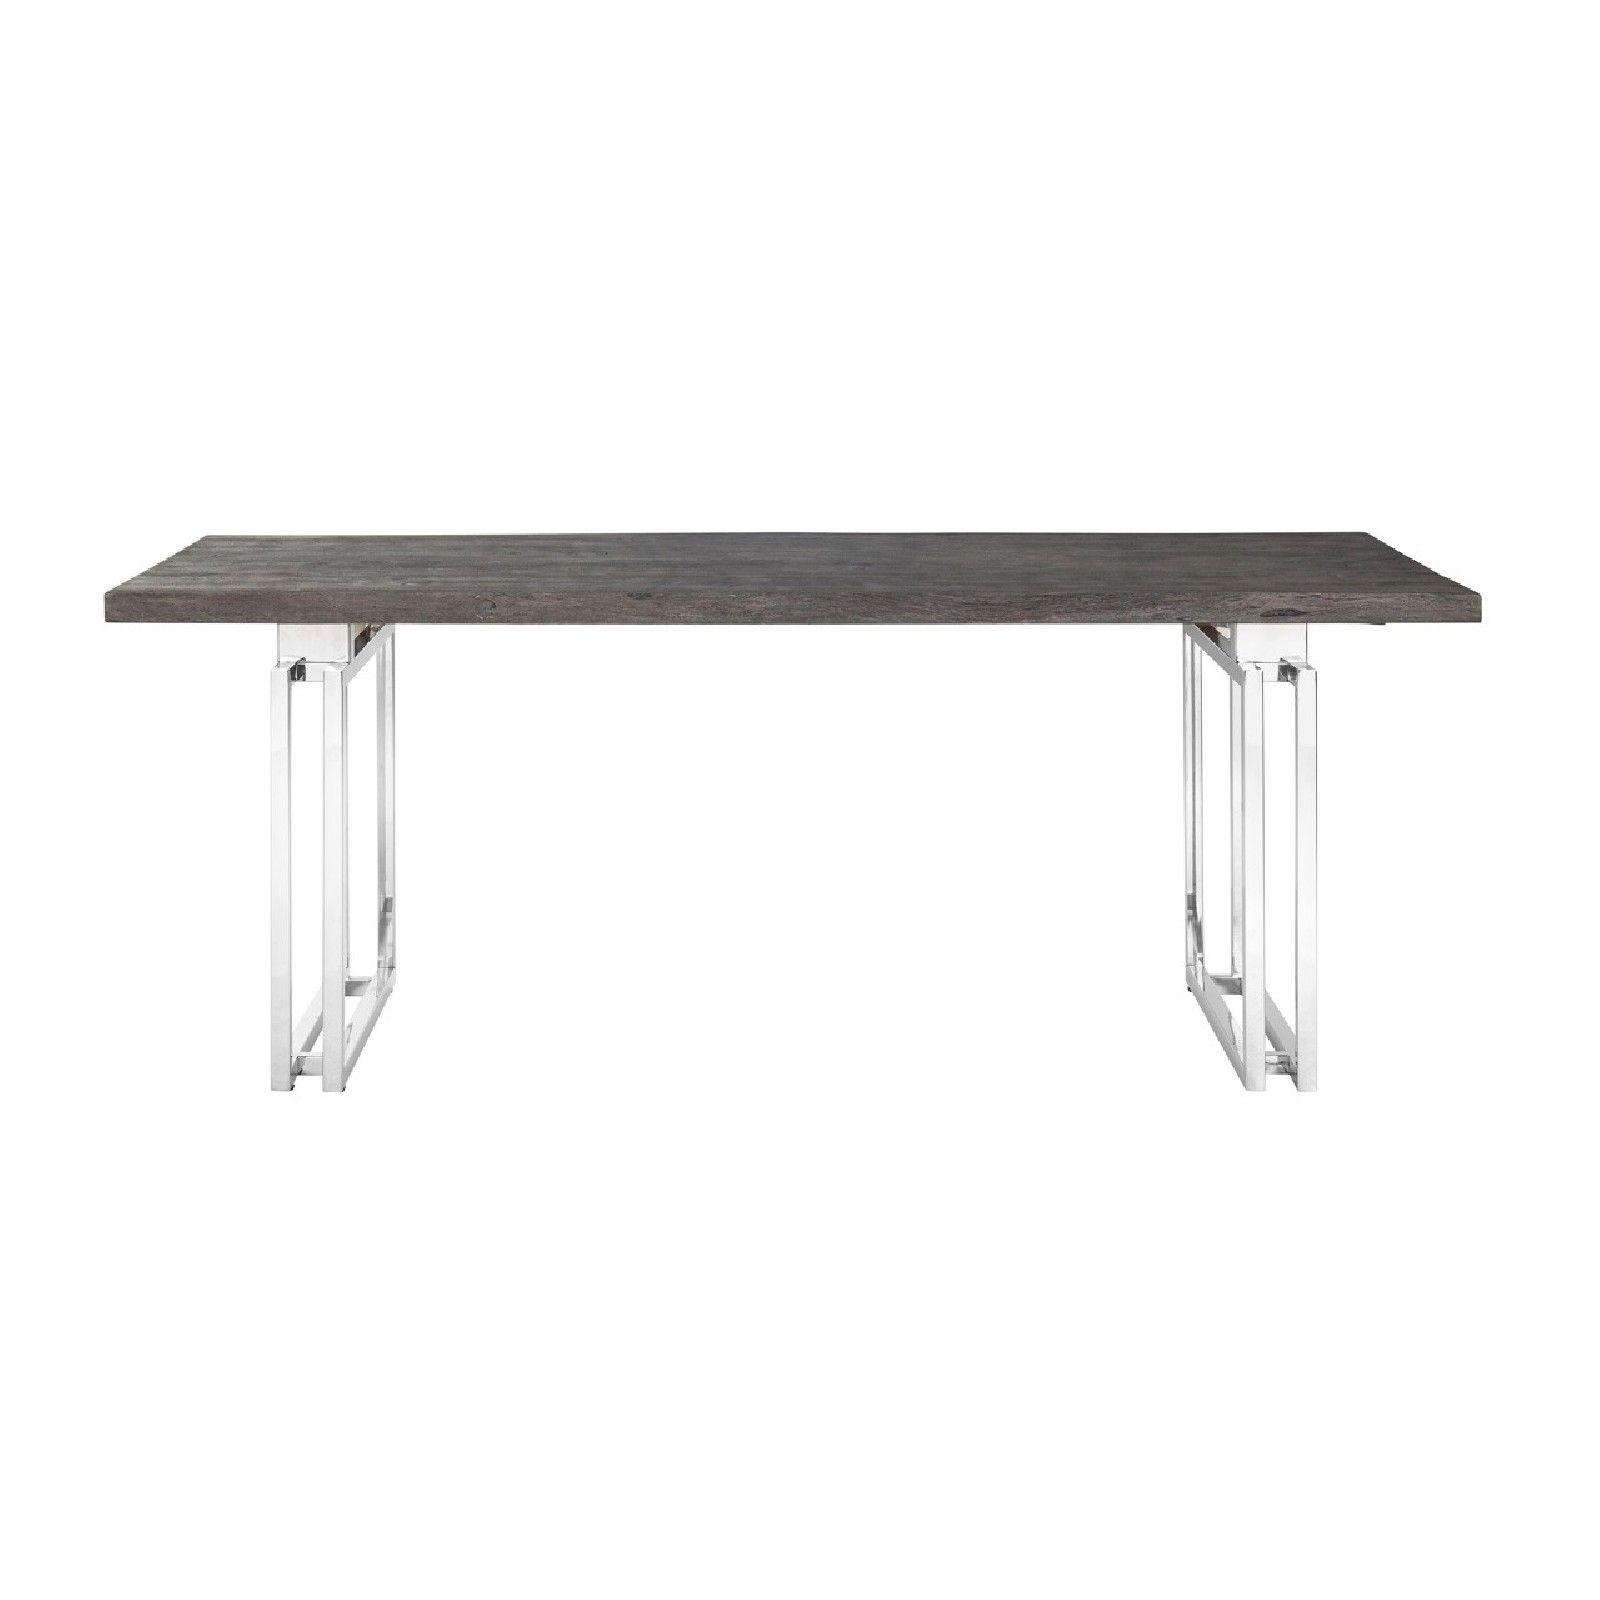 Table à dîner Tuxedo 200Bord du plateau de table peut varier par article, produit naturel Meuble Déco Tendance - 117